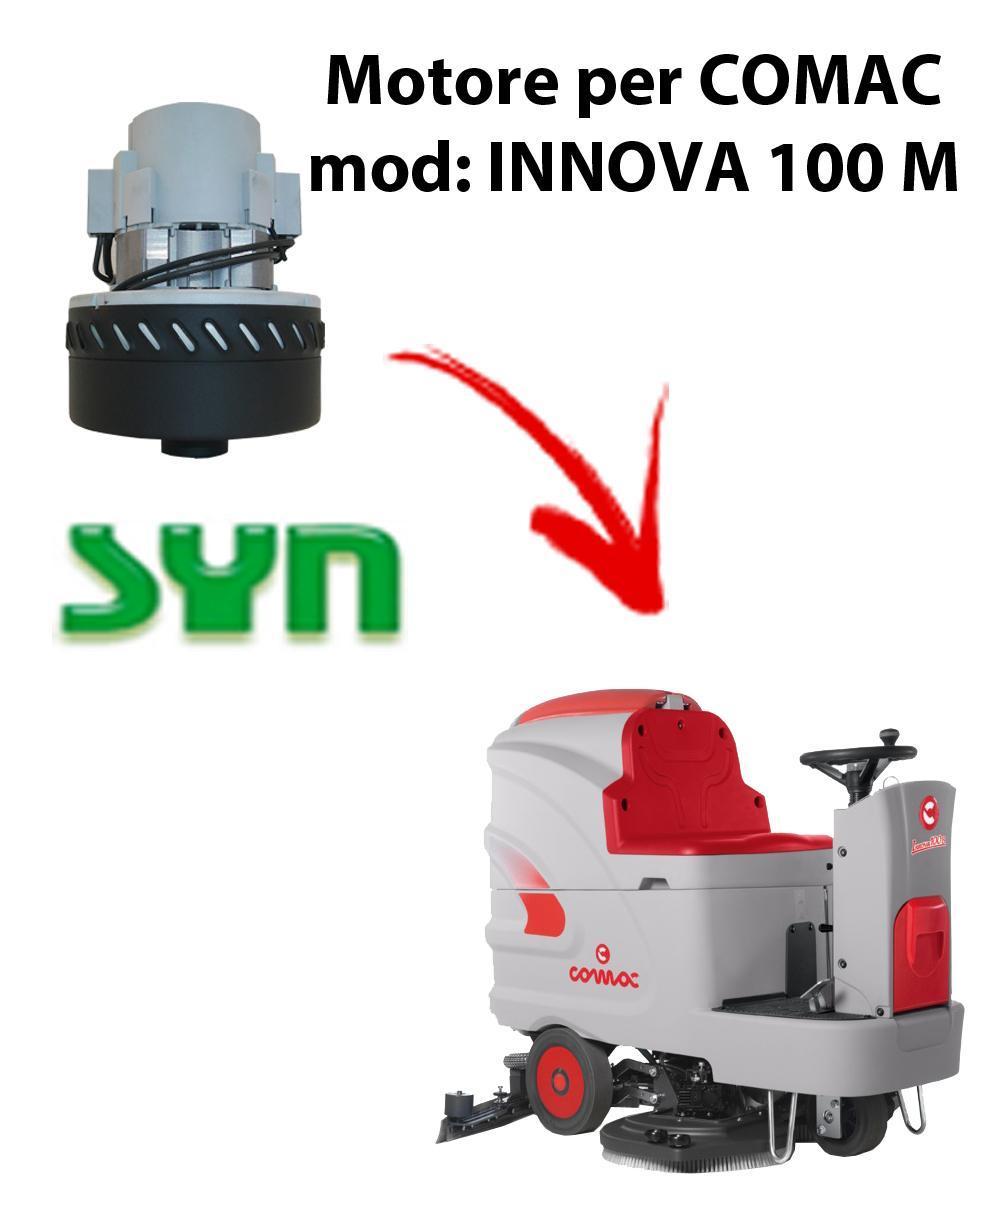 INNOVA 100 M MOTEUR ASPIRATION SYN pour autolaveuses Comac